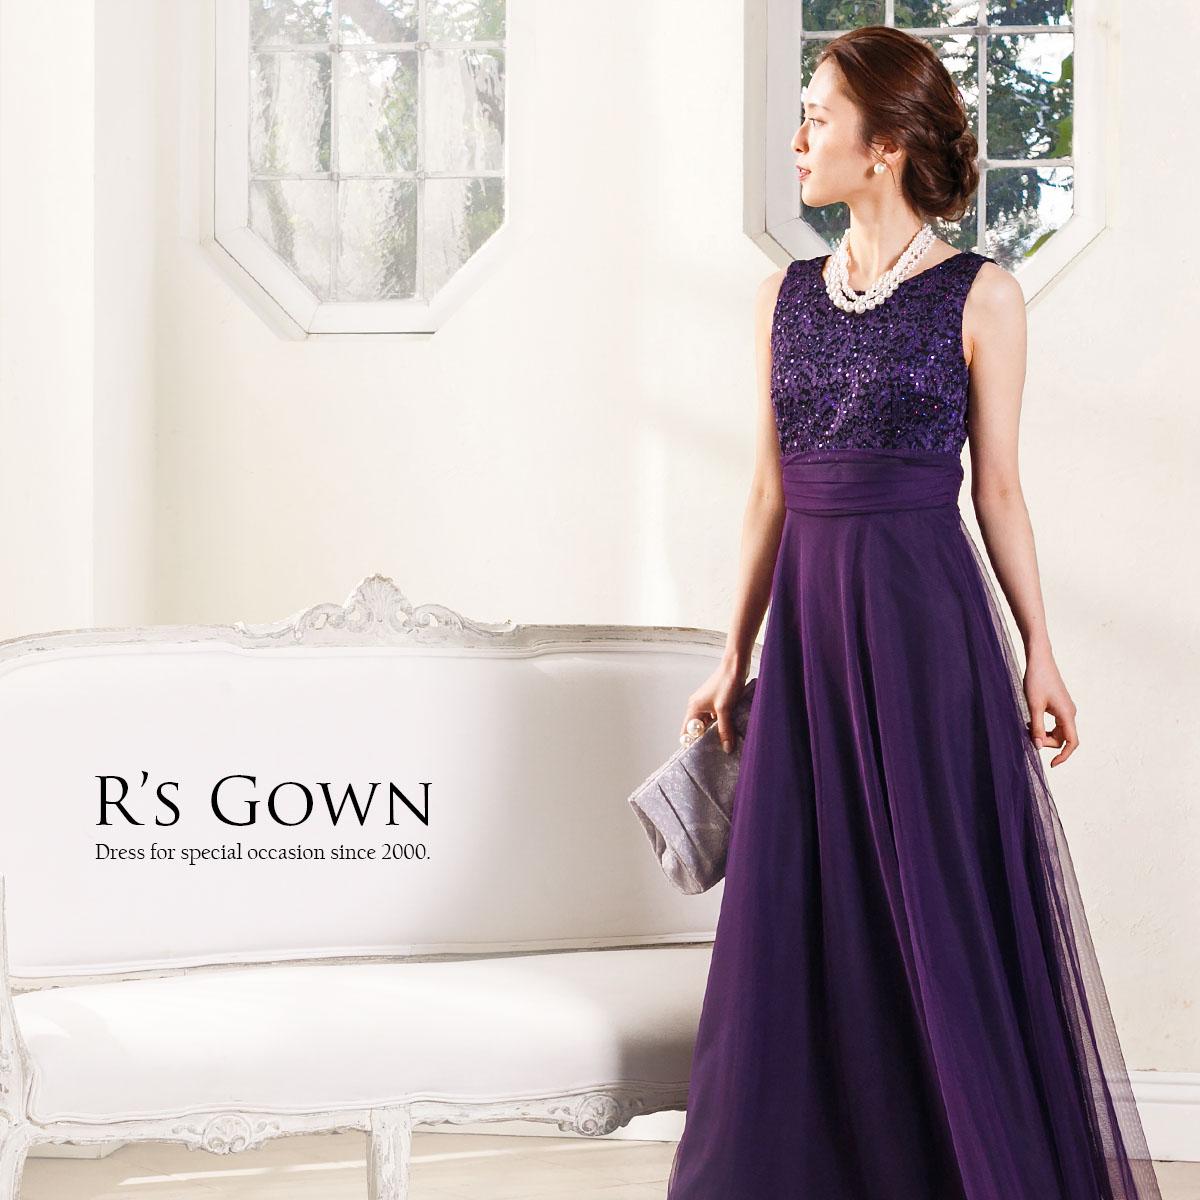 ステージ衣装として最適なロングドレス